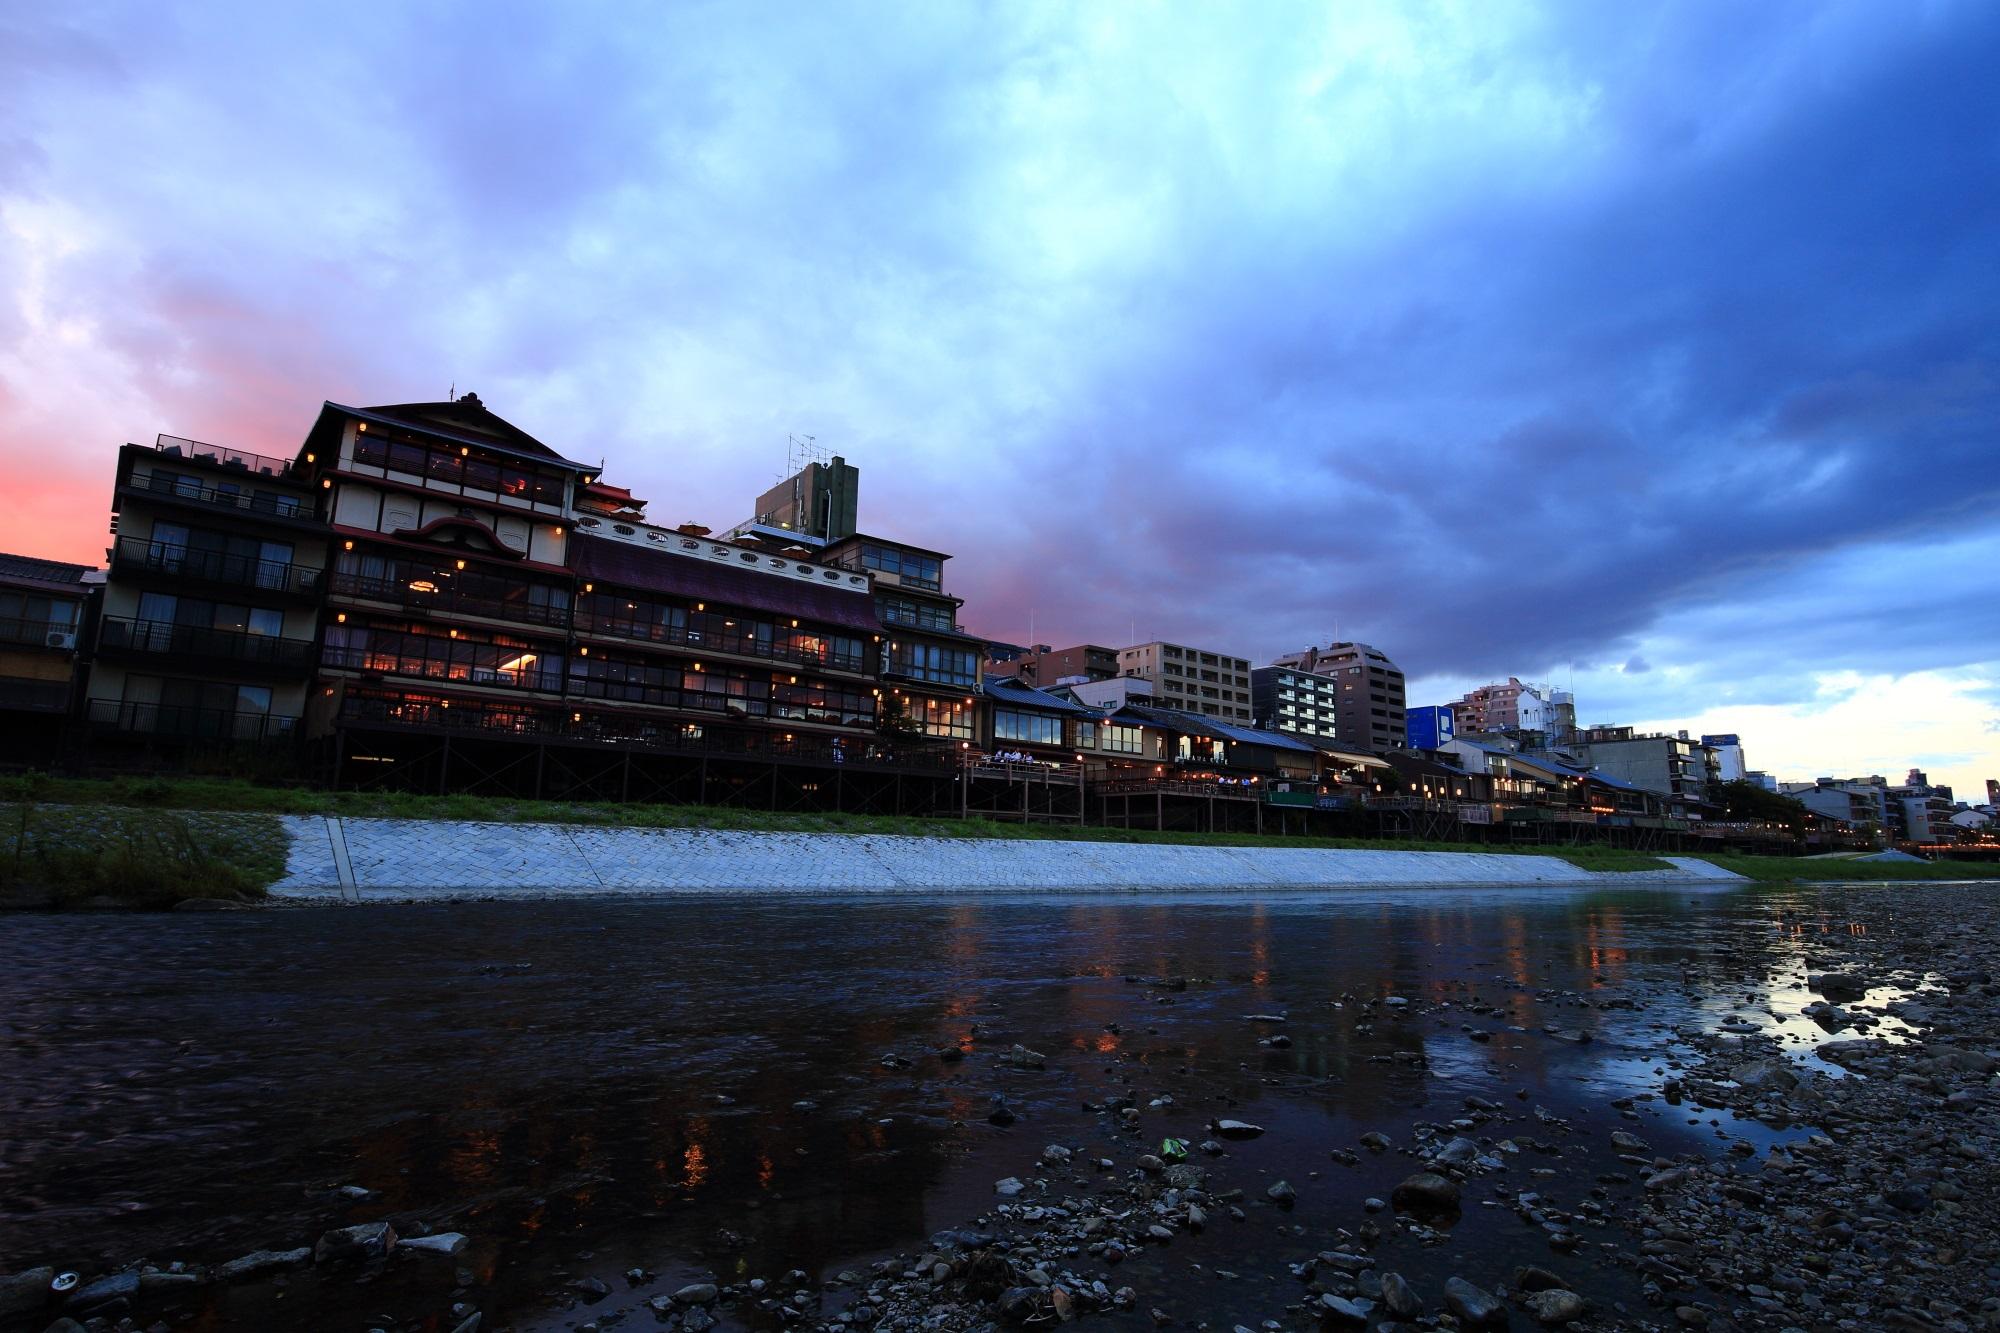 京都鴨川の夕暮れの納涼床